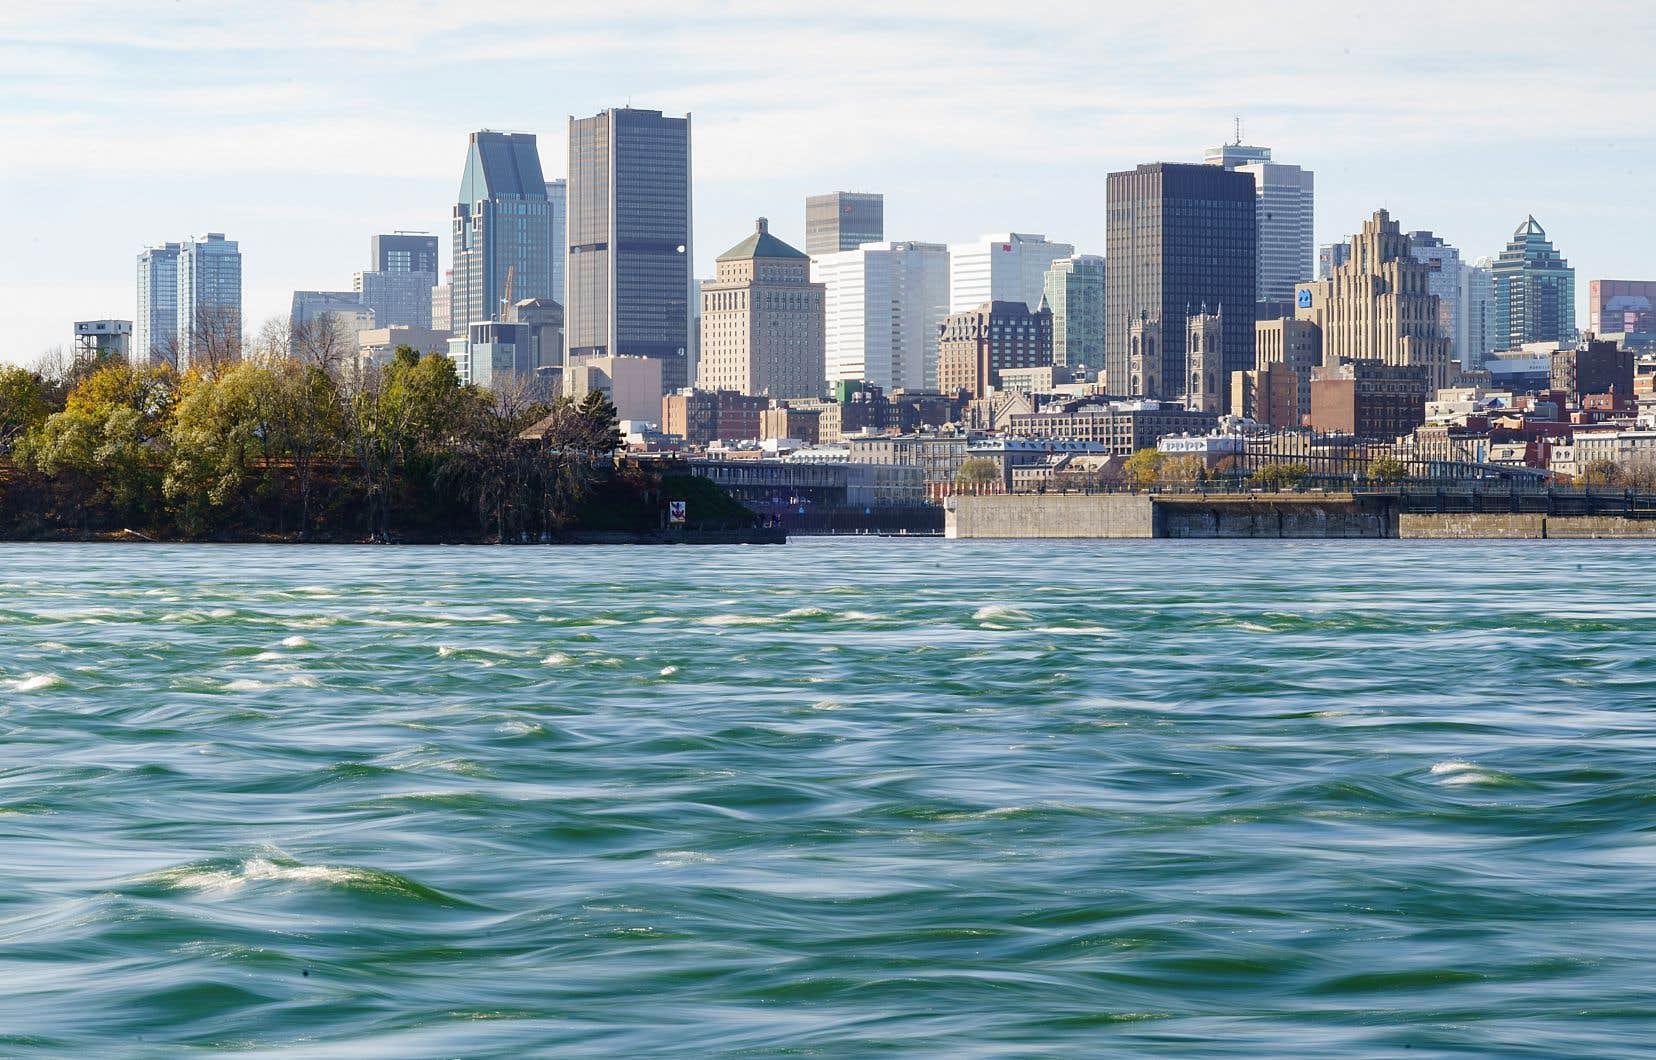 La bonne posture de Montréal s'explique en partie parce que son économie «est l'une des plus diversifiées en Amérique du Nord», selon l'économiste en chef à la Communauté métropolitaine de Montréal, Sylvain Giguère.